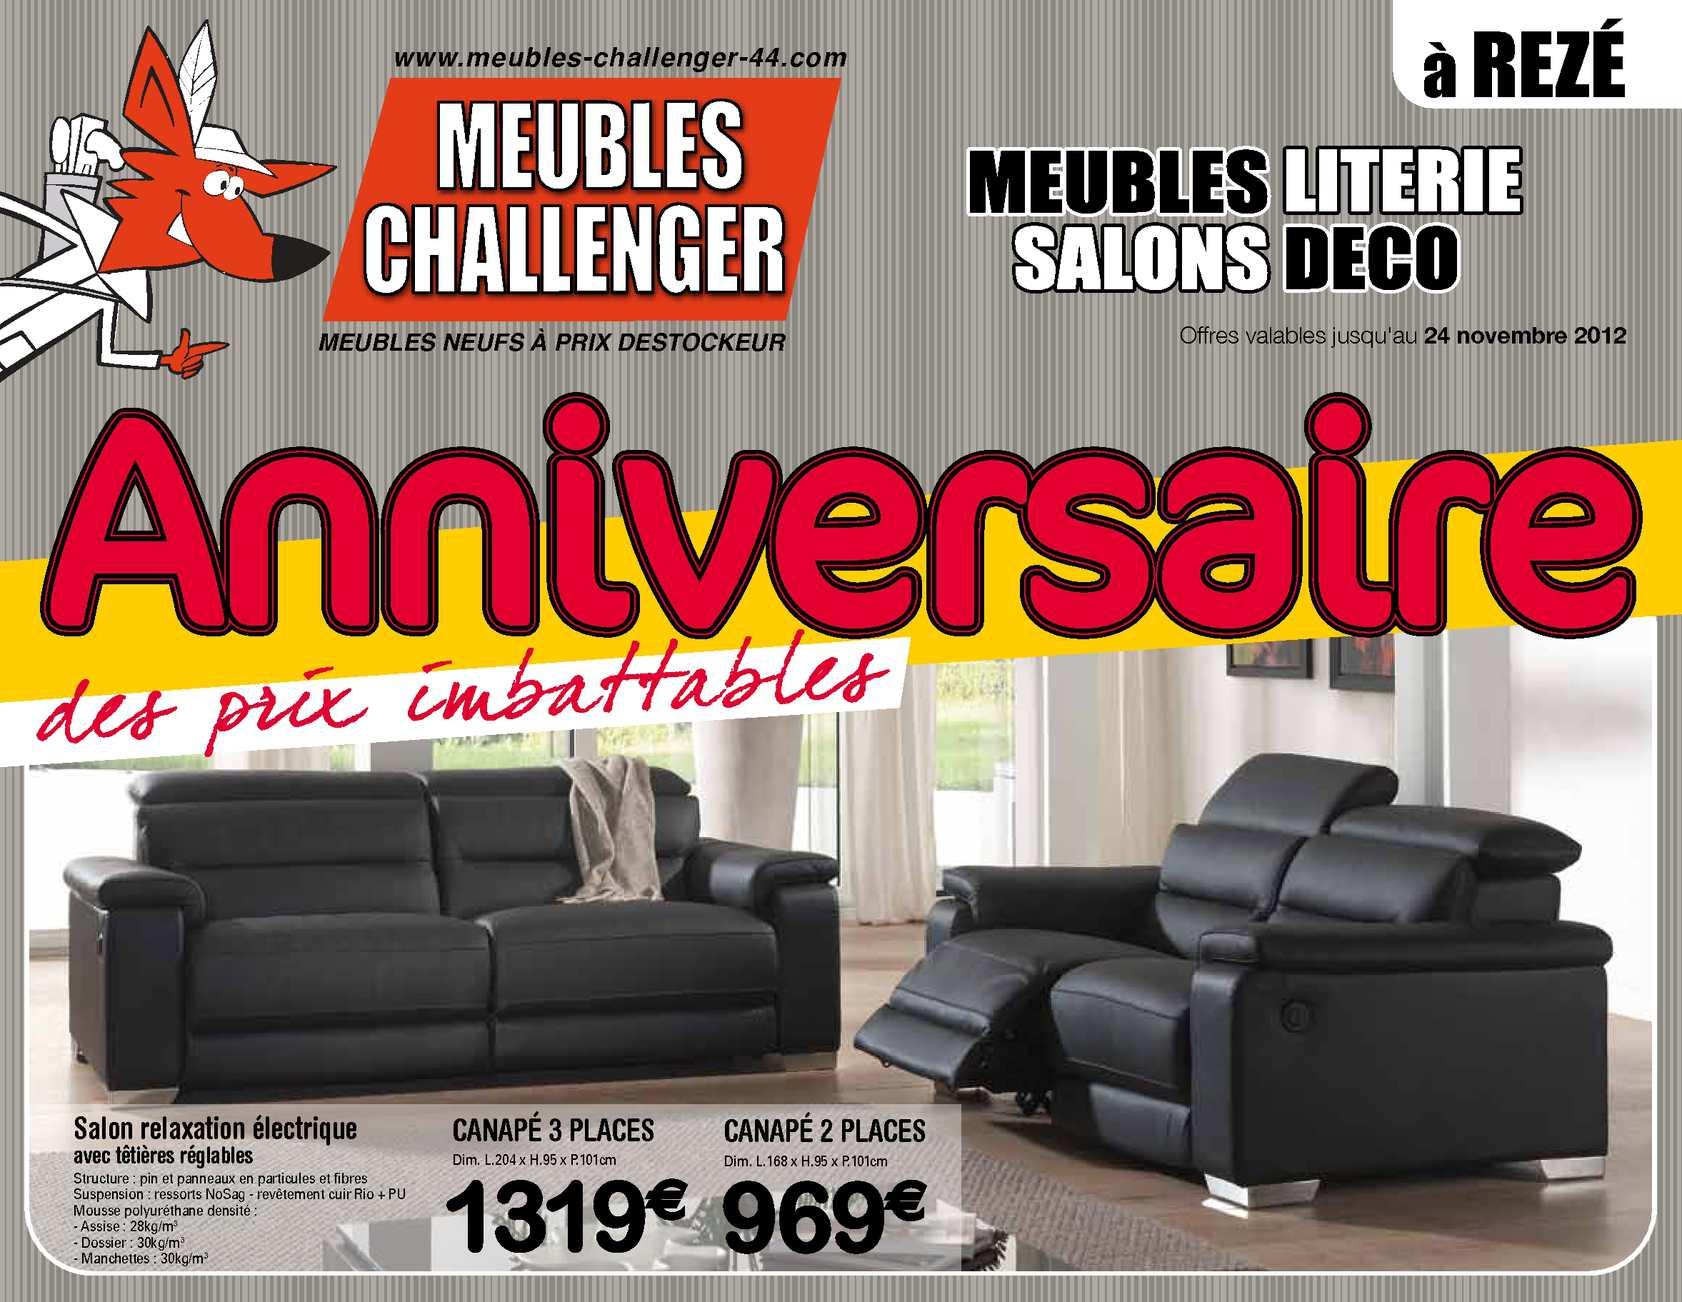 Mousse Polyuréthane 30 Kg M3 Canapé calaméo - meubles challenger anniversaire